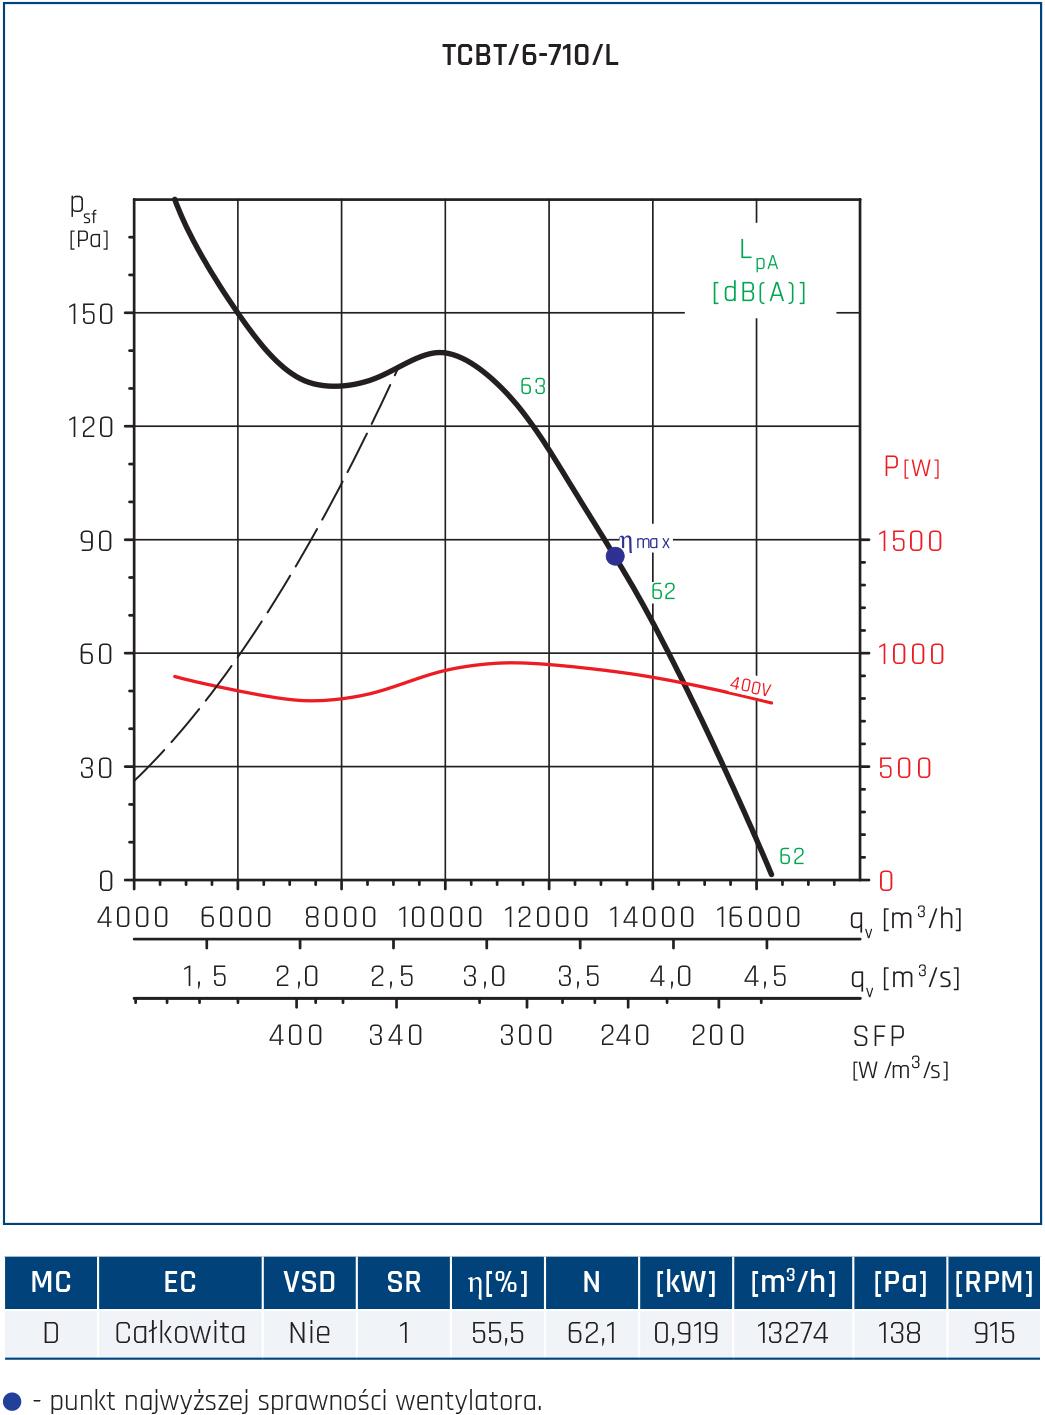 Wentylator Compact TCBB/TCBT 86